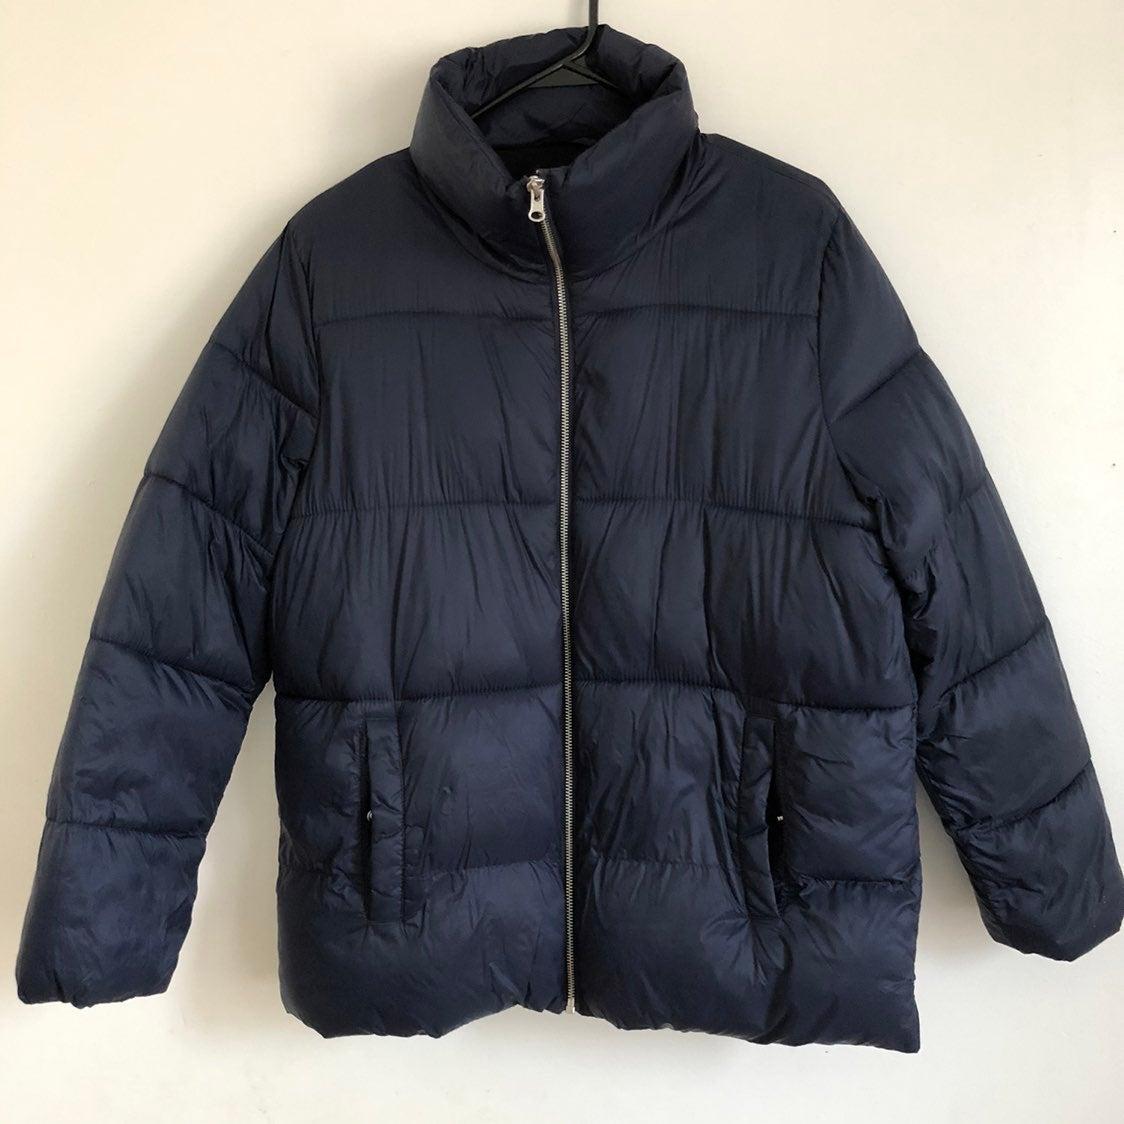 Womens Old Navy winter coat